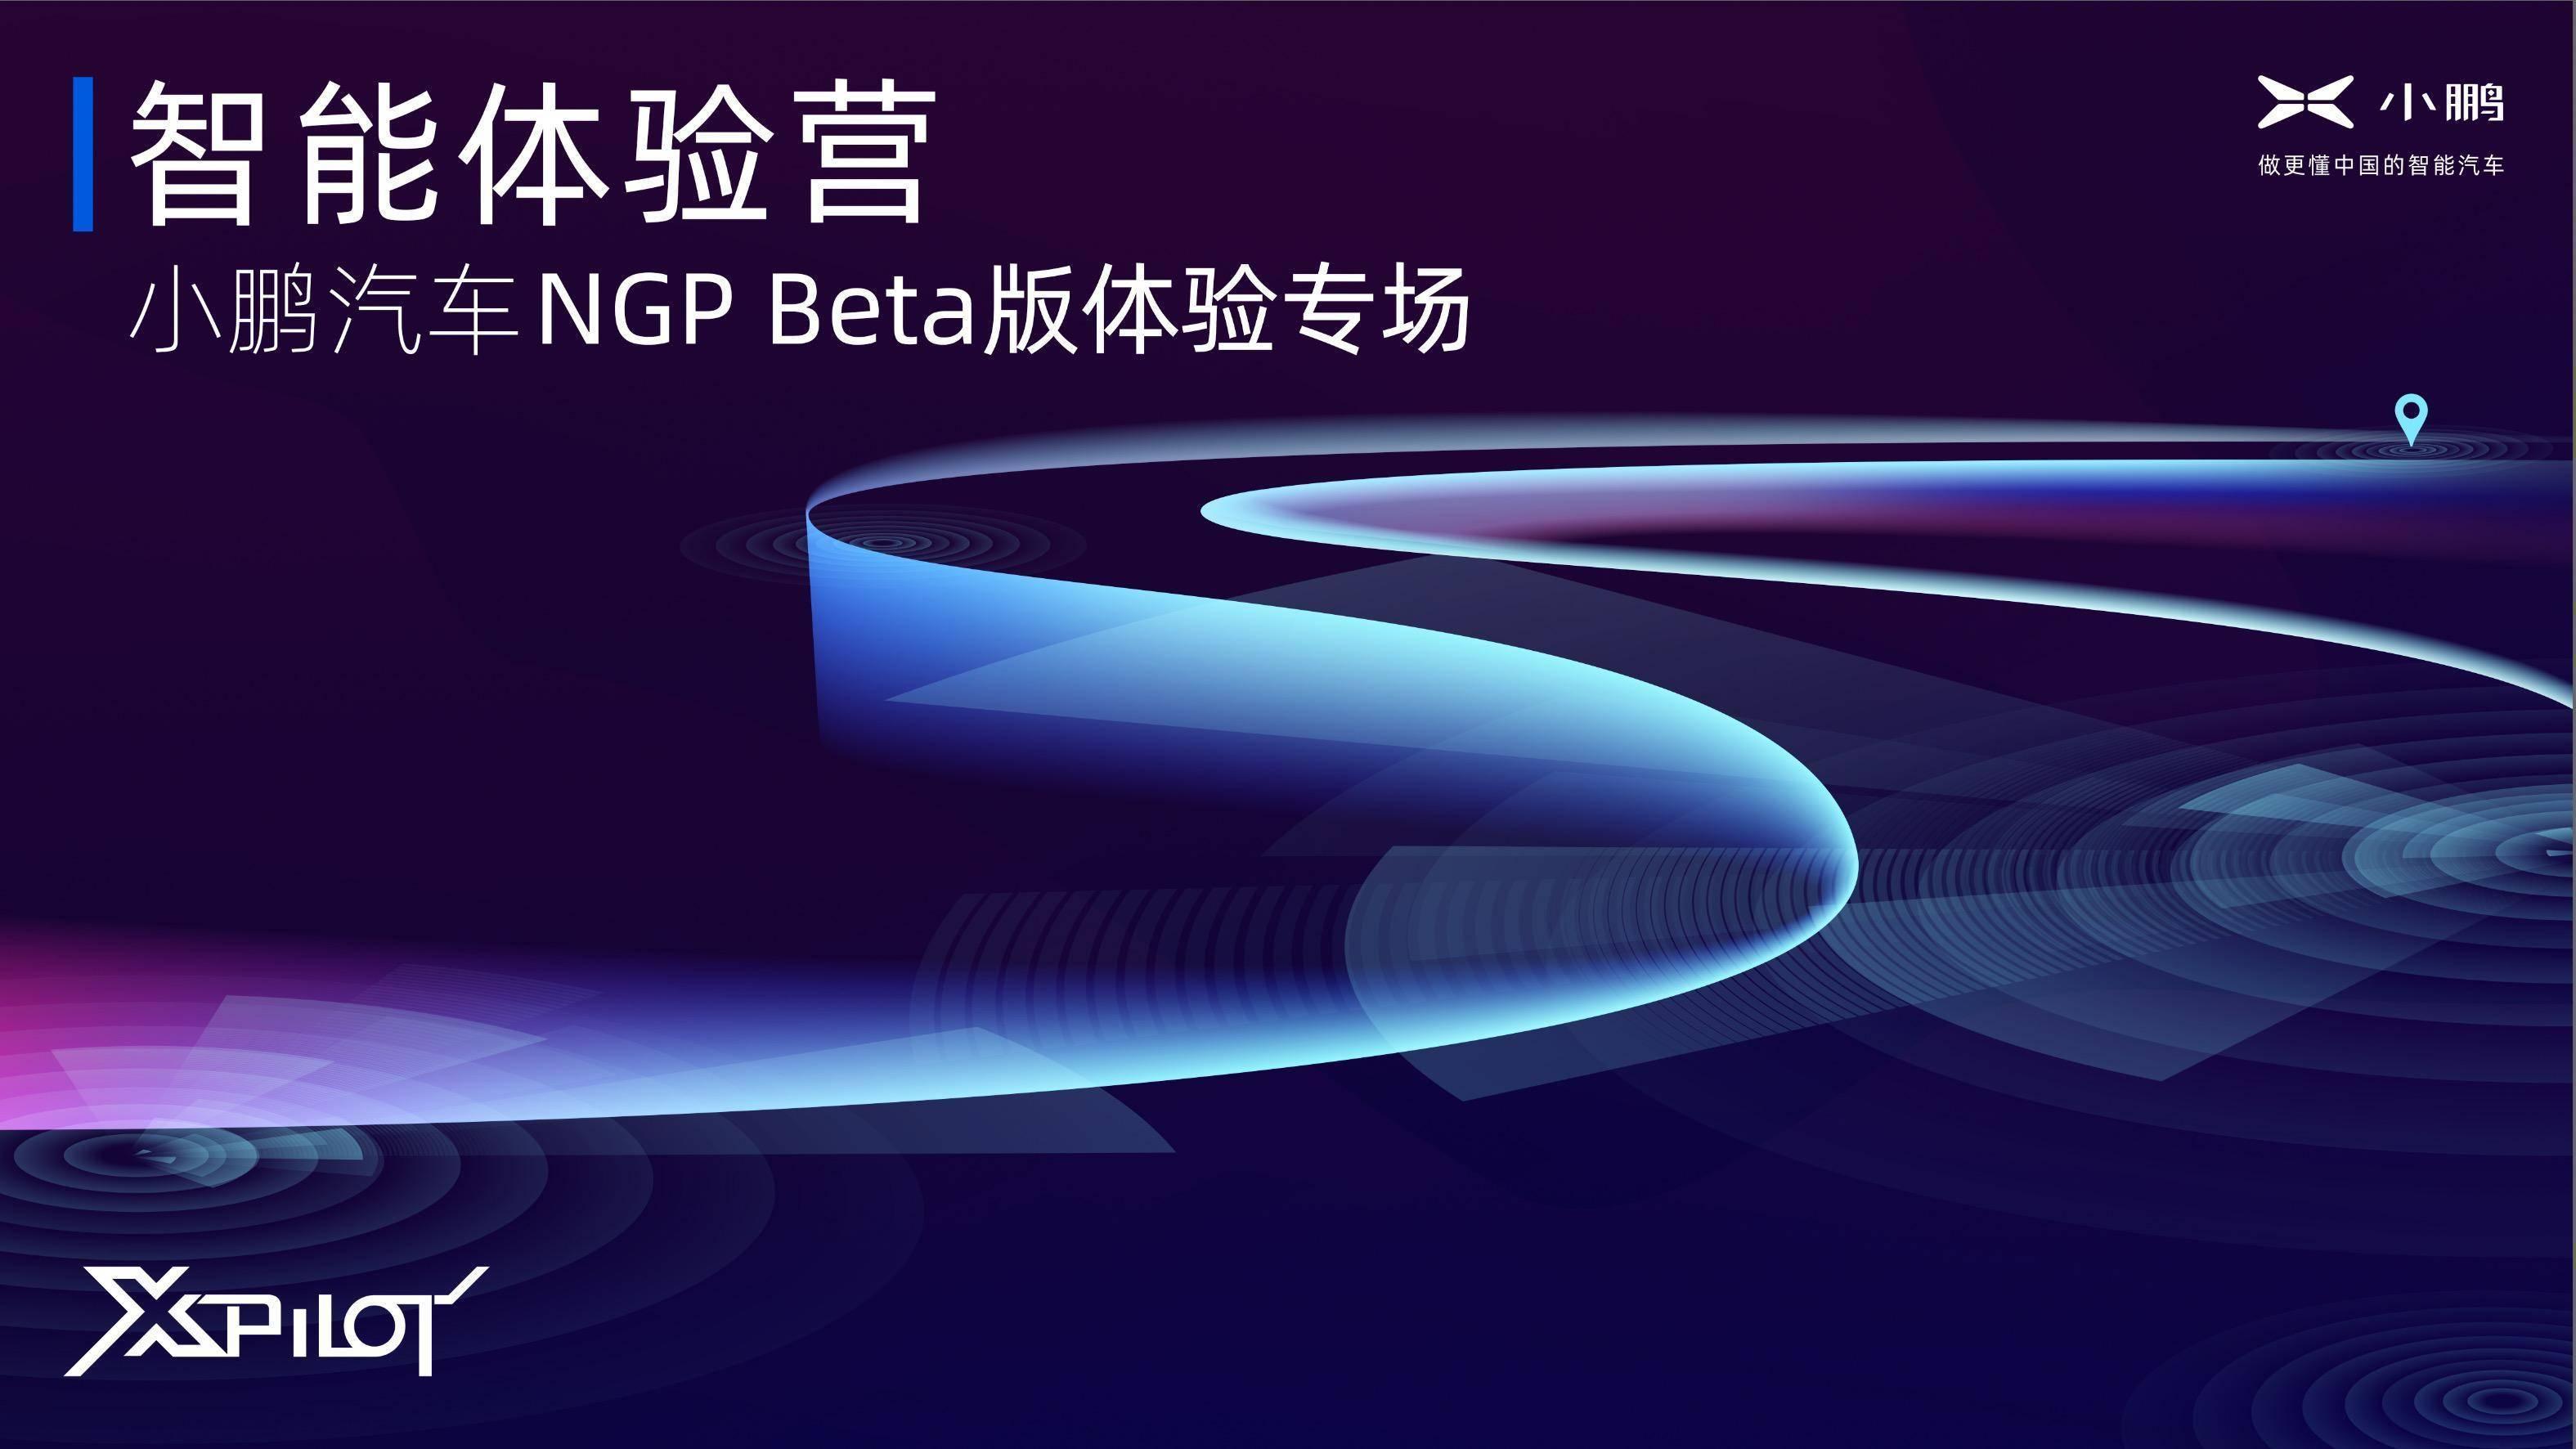 新智能抢先众测,小鹏汽车NGP Bate版体验营今日开营